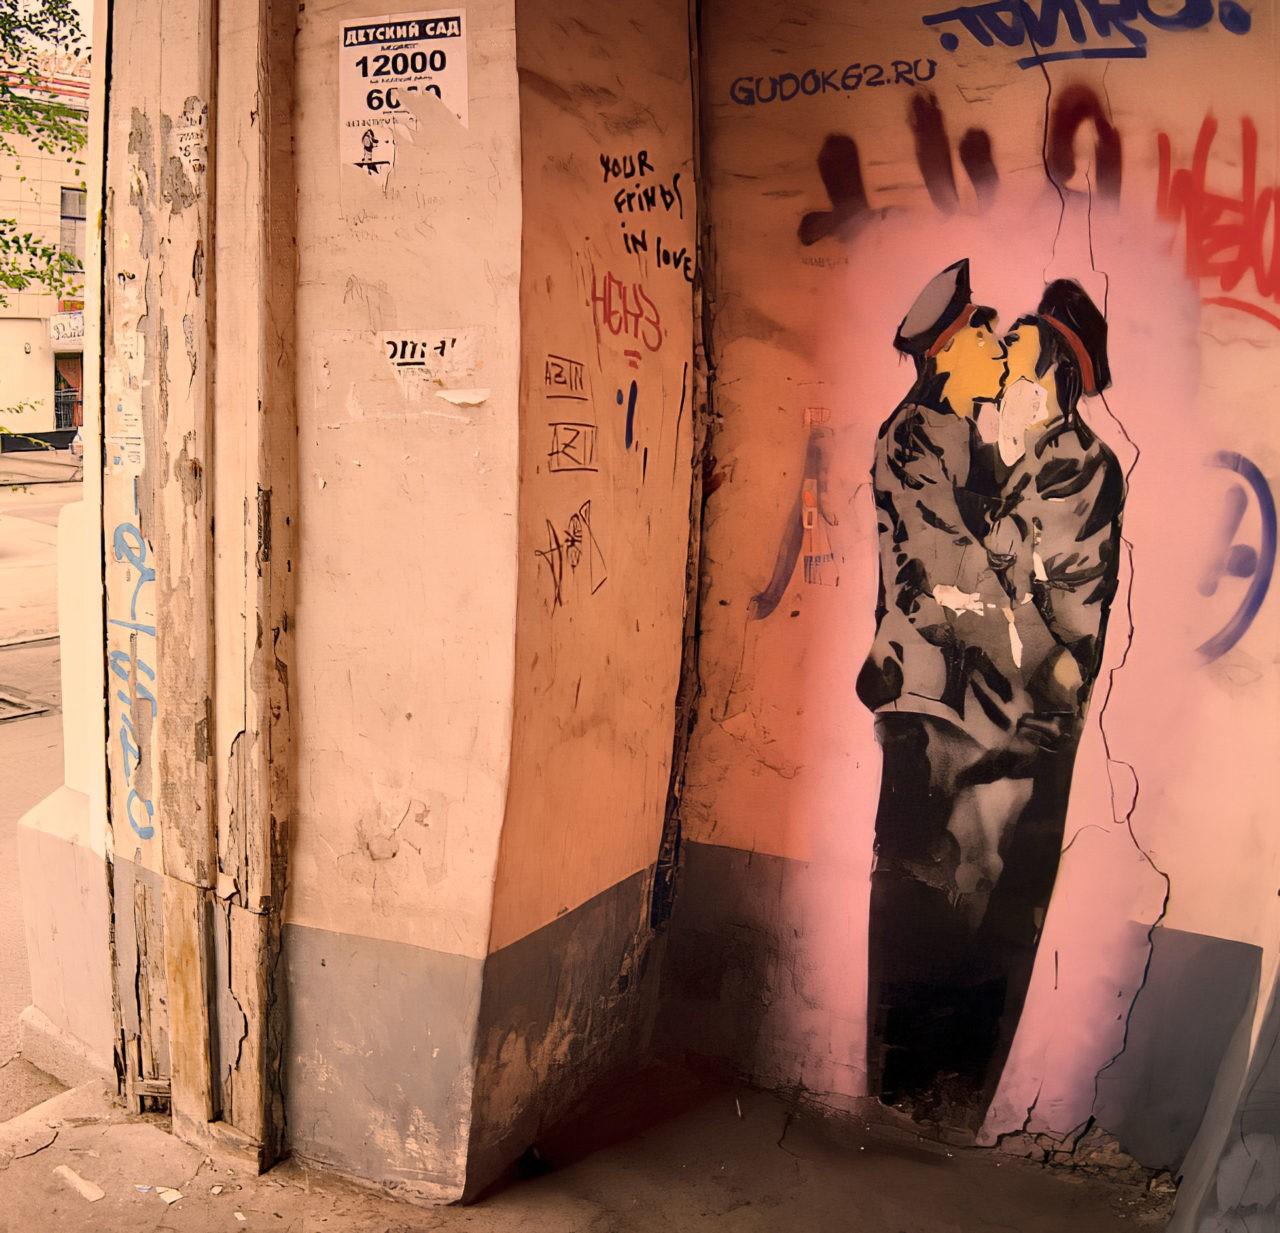 Русские полицейские менты целуются в засос в подворотне. Граффити